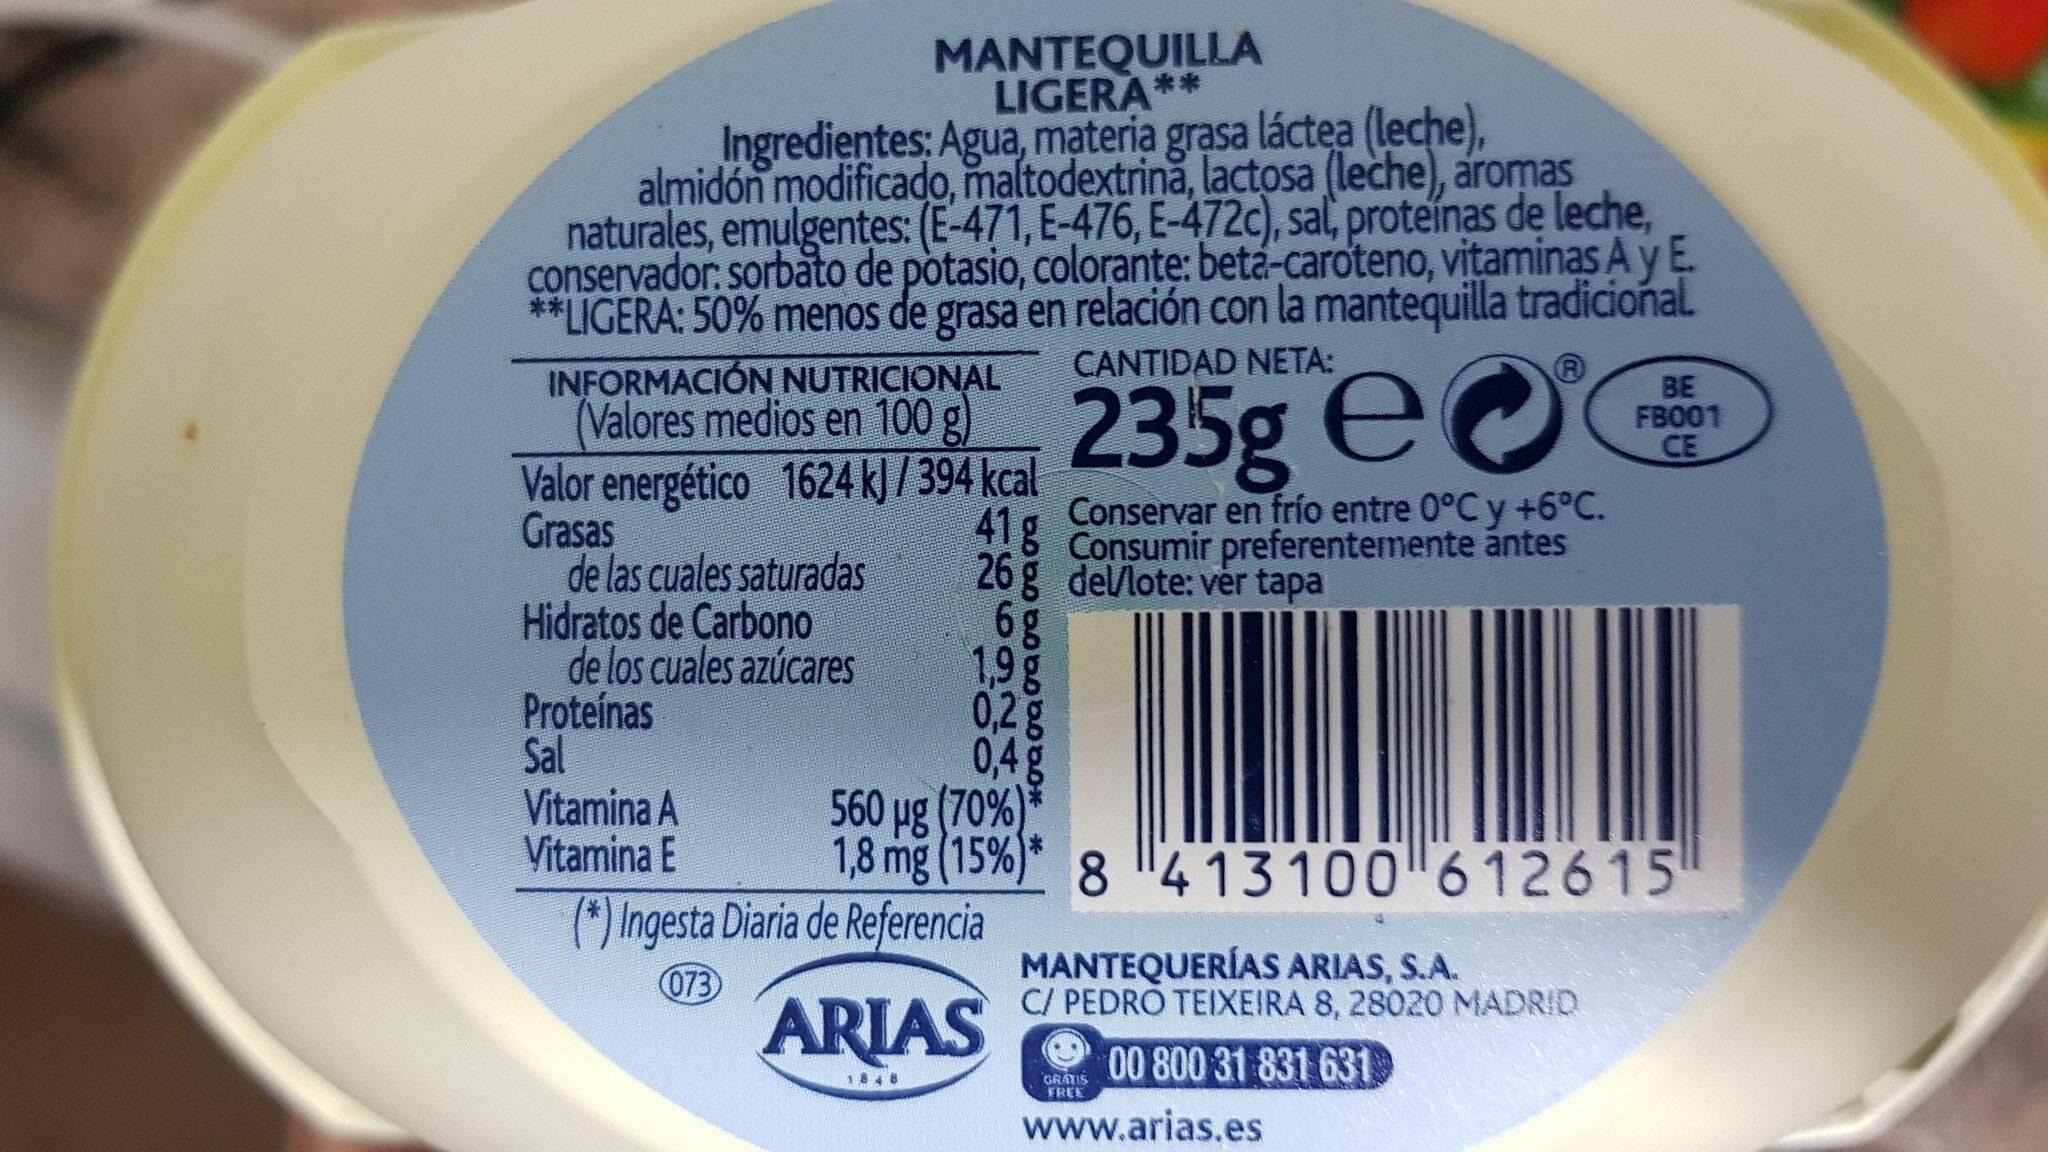 Arias Mantequilla Ligera - Ingredients - es